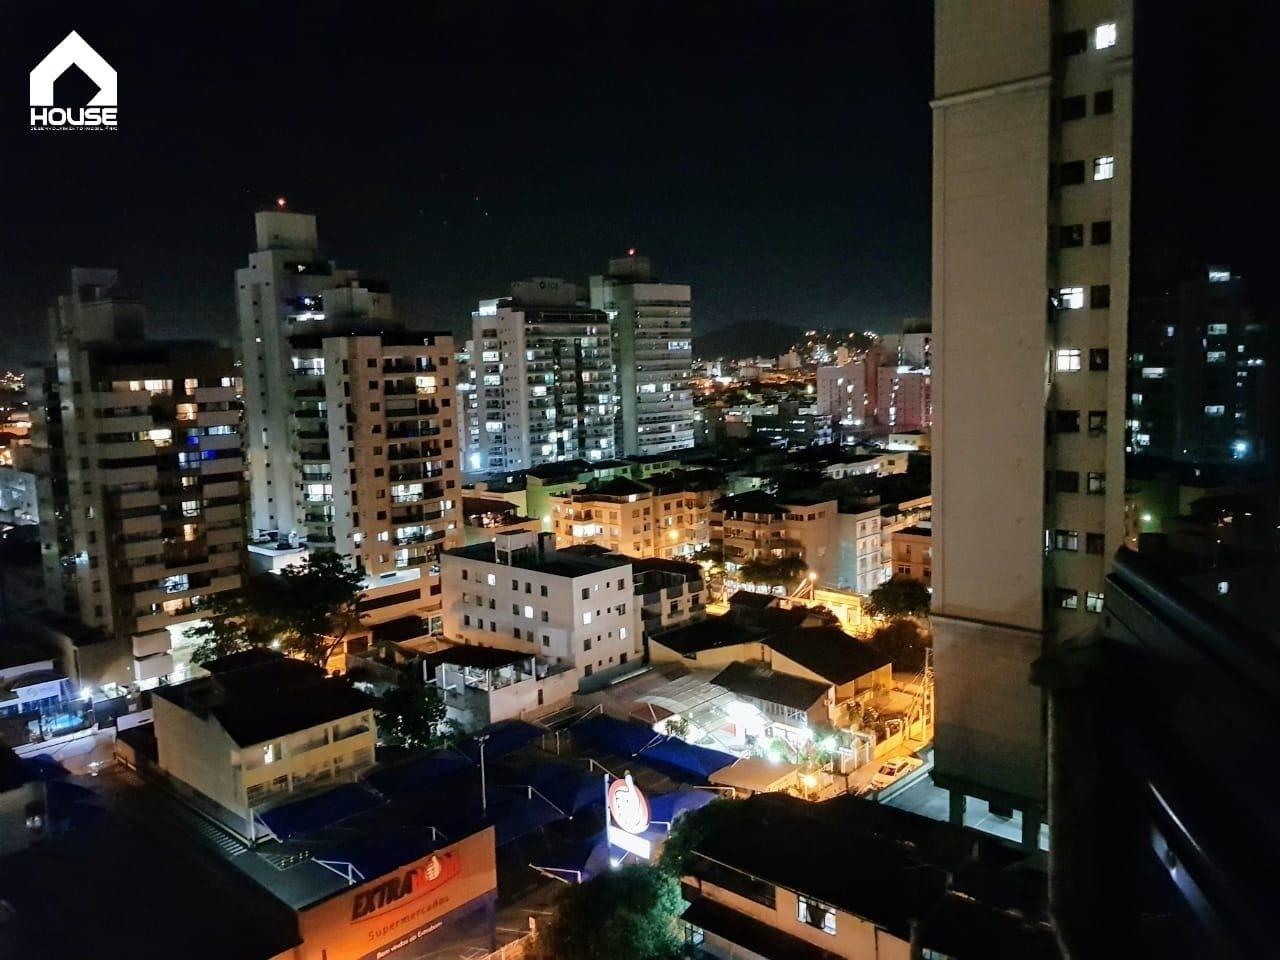 https://static.arboimoveis.com.br/AP1444_HSE/para-voce-que-busca-um-apartamento-bem-localizado-essa-e-a-oportunidade-certa1626840765721ppqlw.jpg